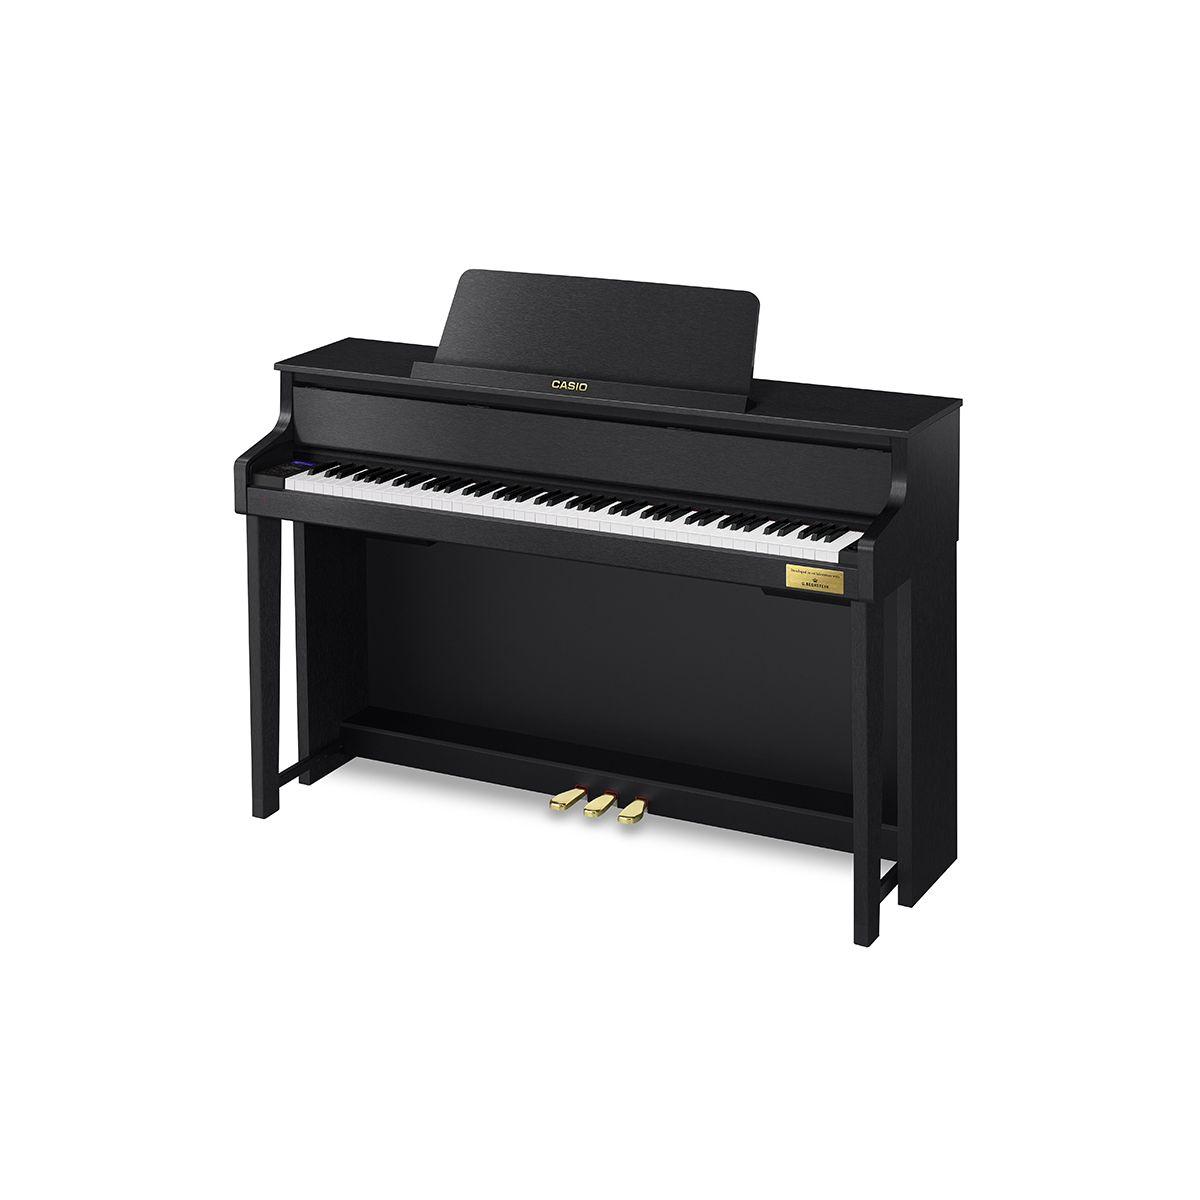 Piano Digitale Casio GP-310 Grand Hybrid con mobile nero opaco